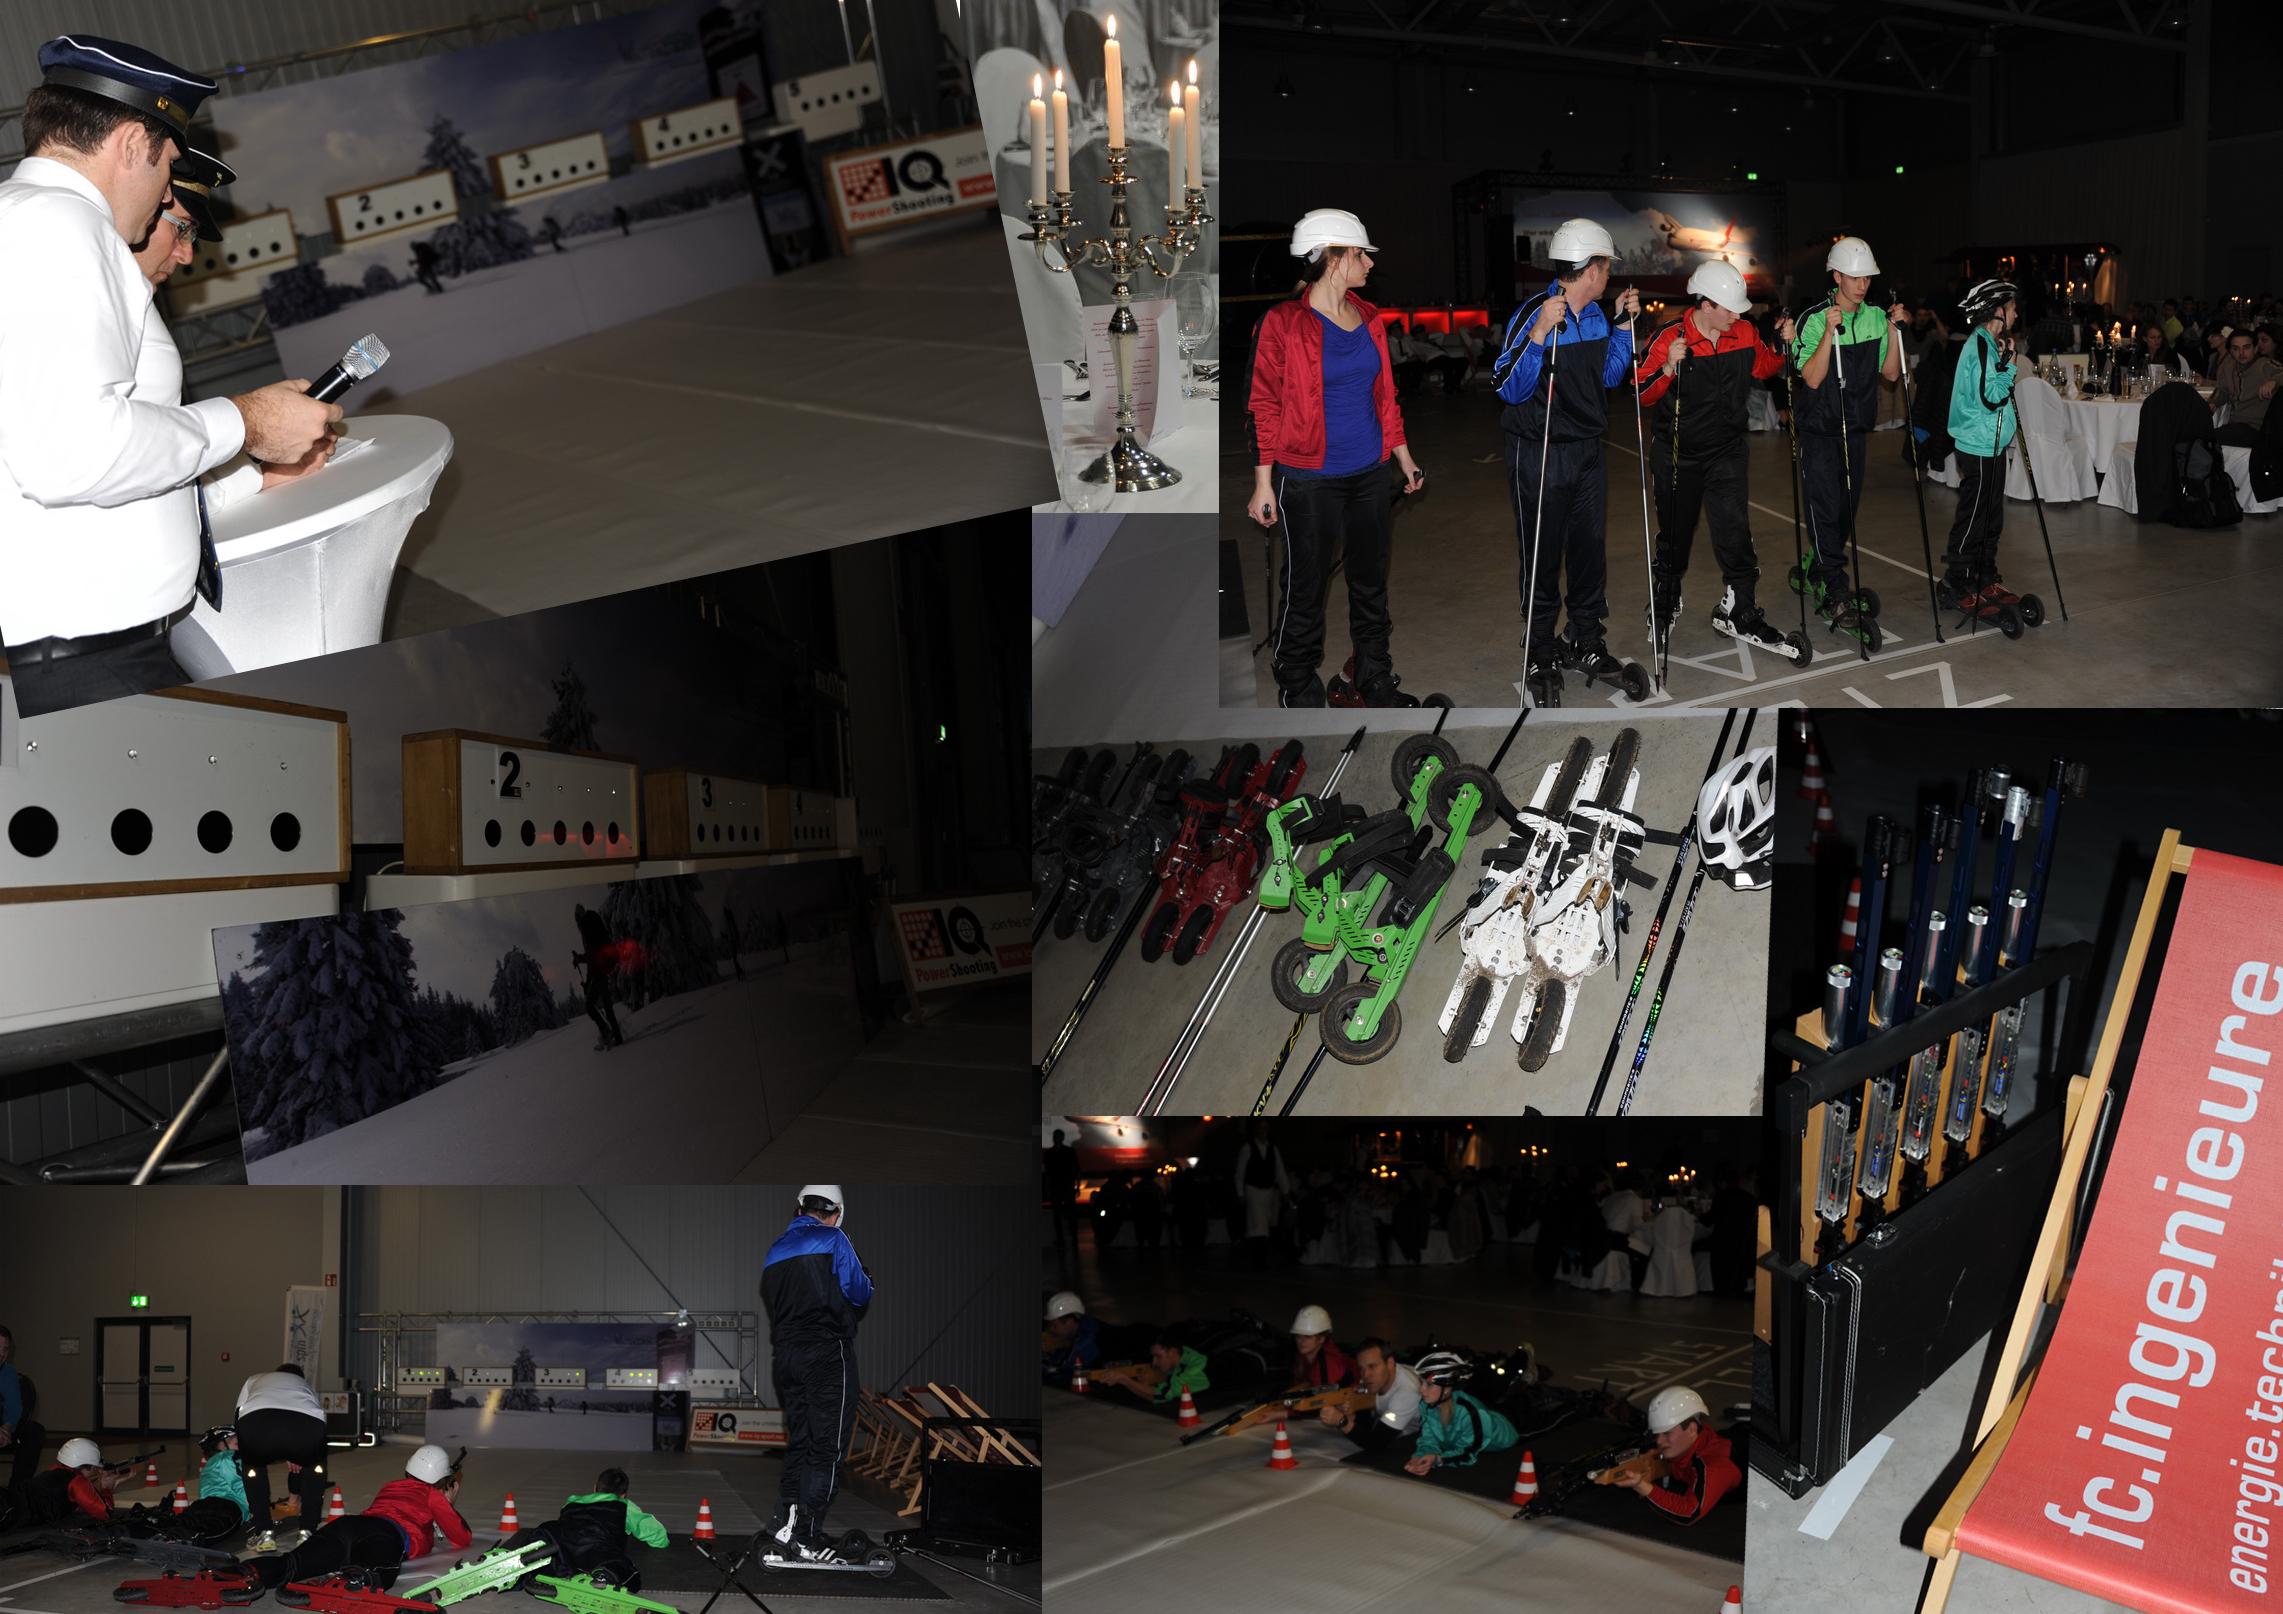 Skating‐Biathlon auf der Jahrestagung der fc.ingenieure, Januar 2015